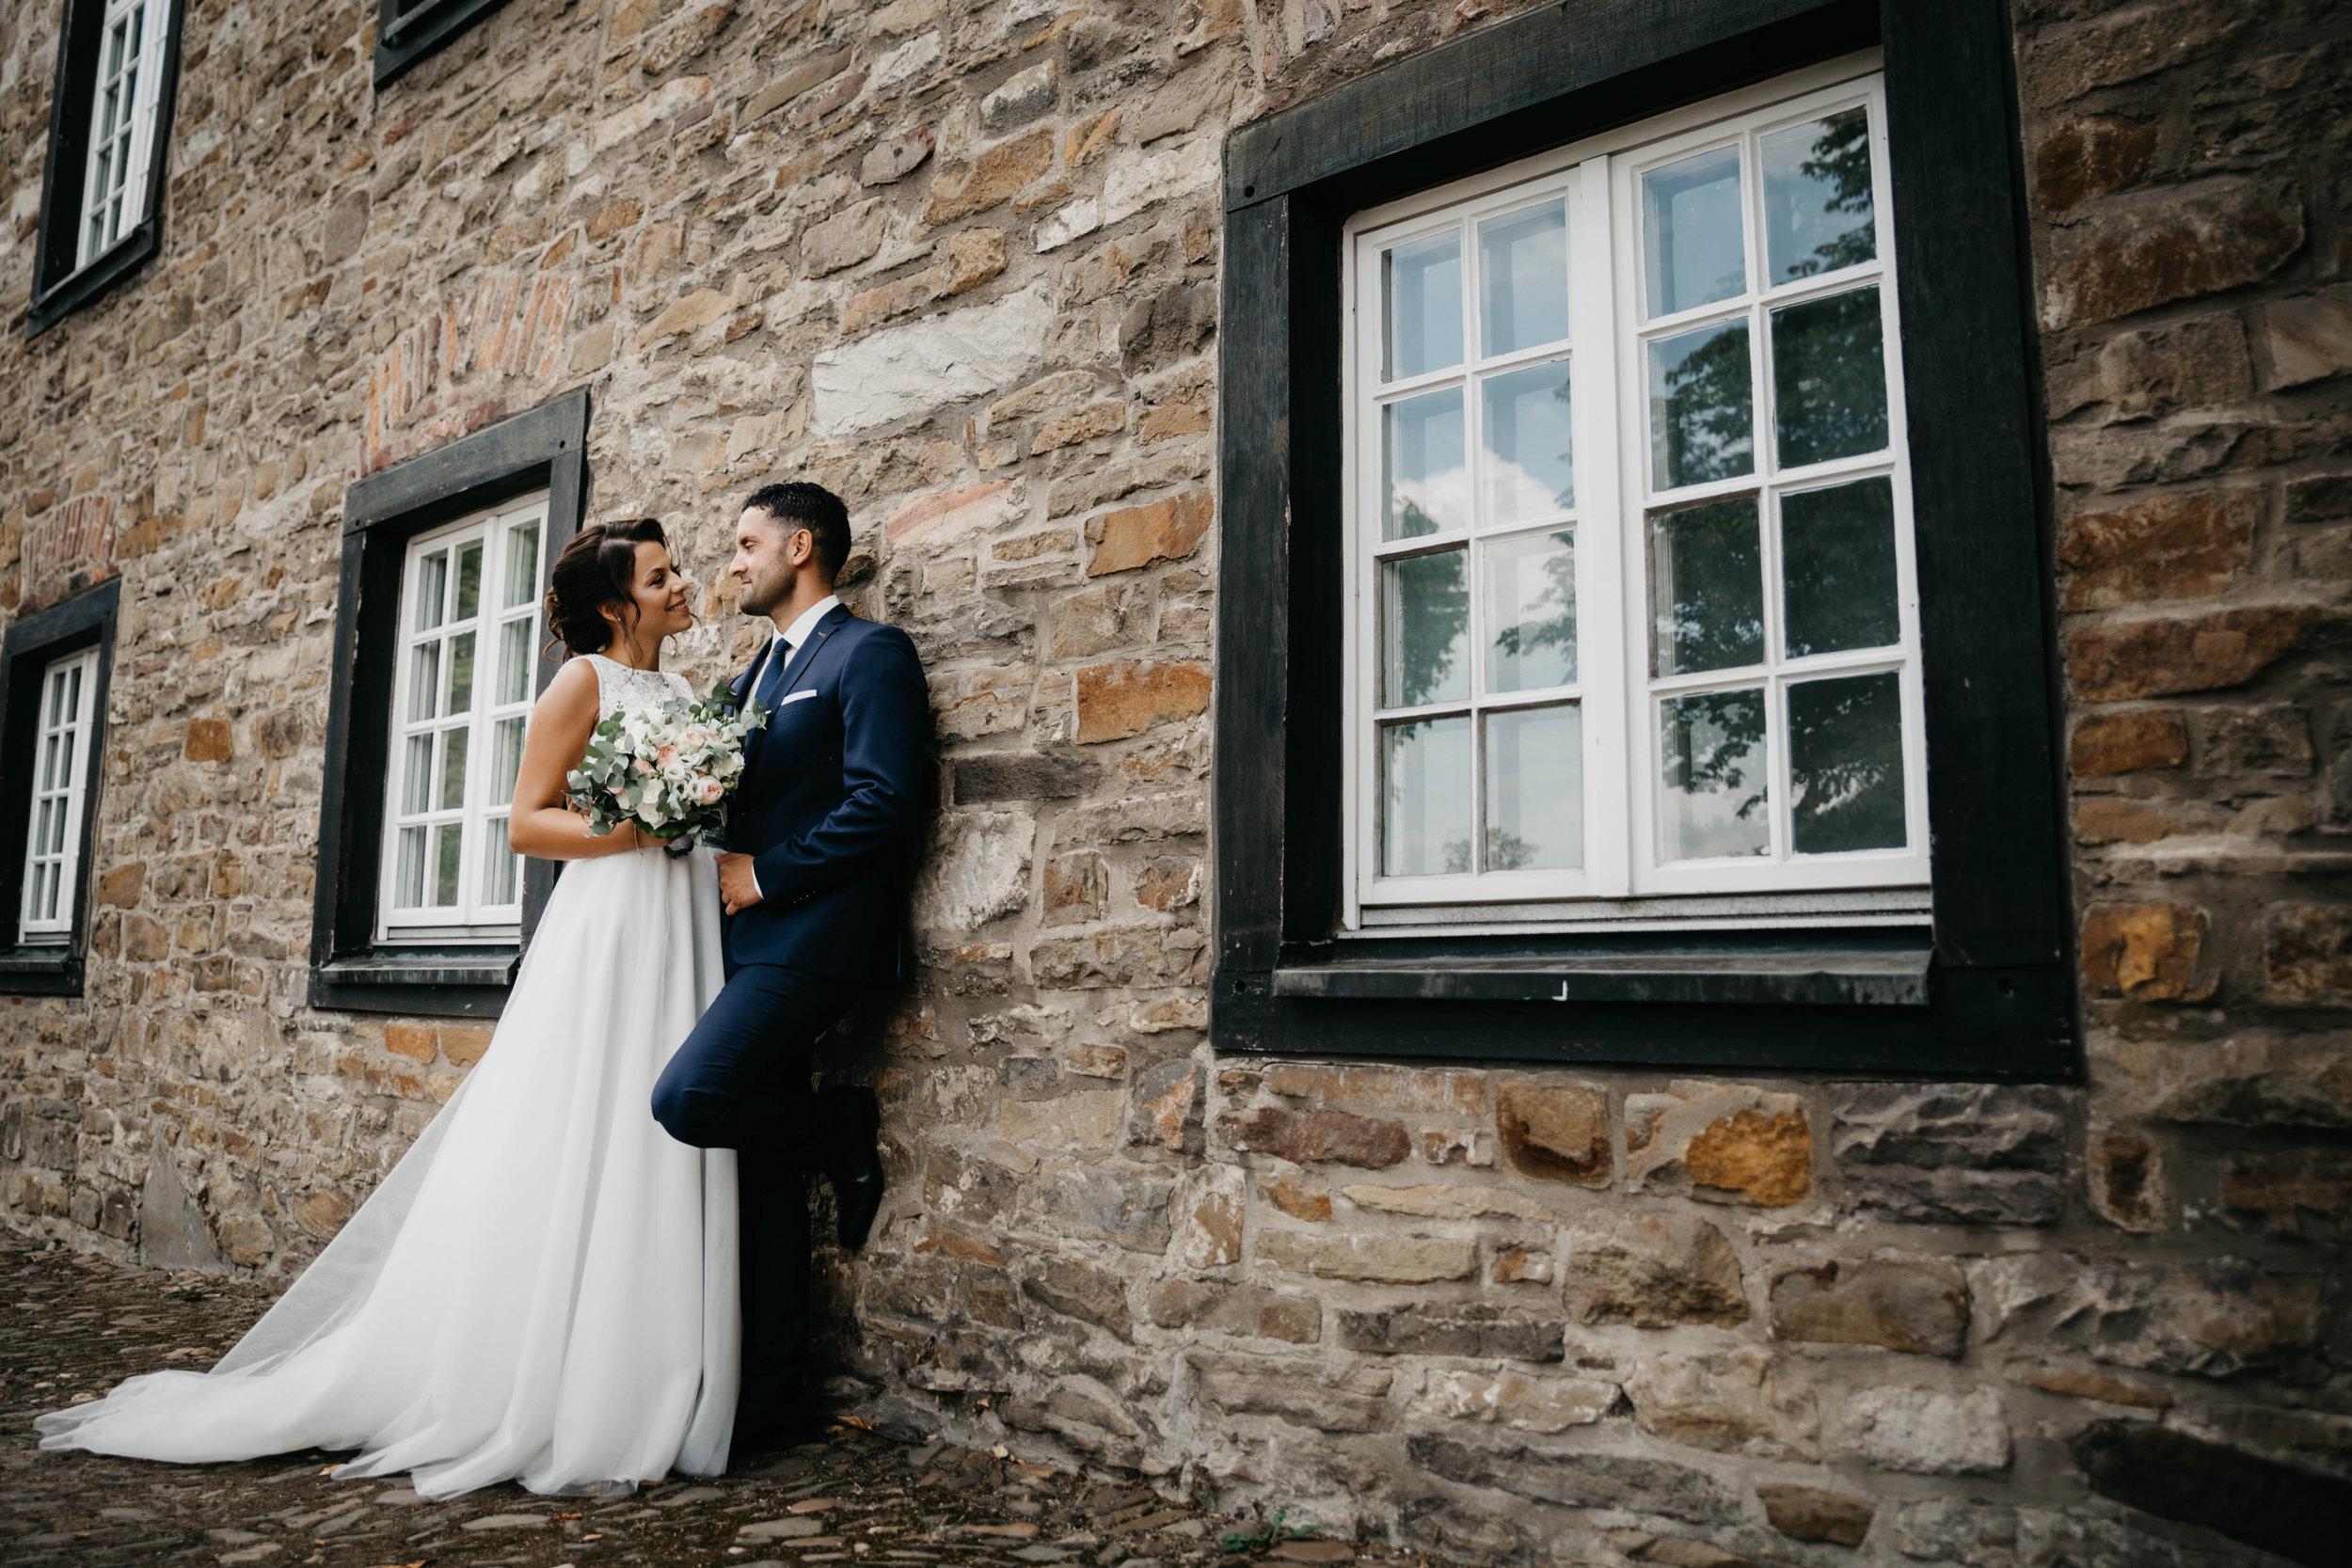 Rustikale Hochzeit, Braut und Bräutigam stehen vor einer Steinwand.jpg